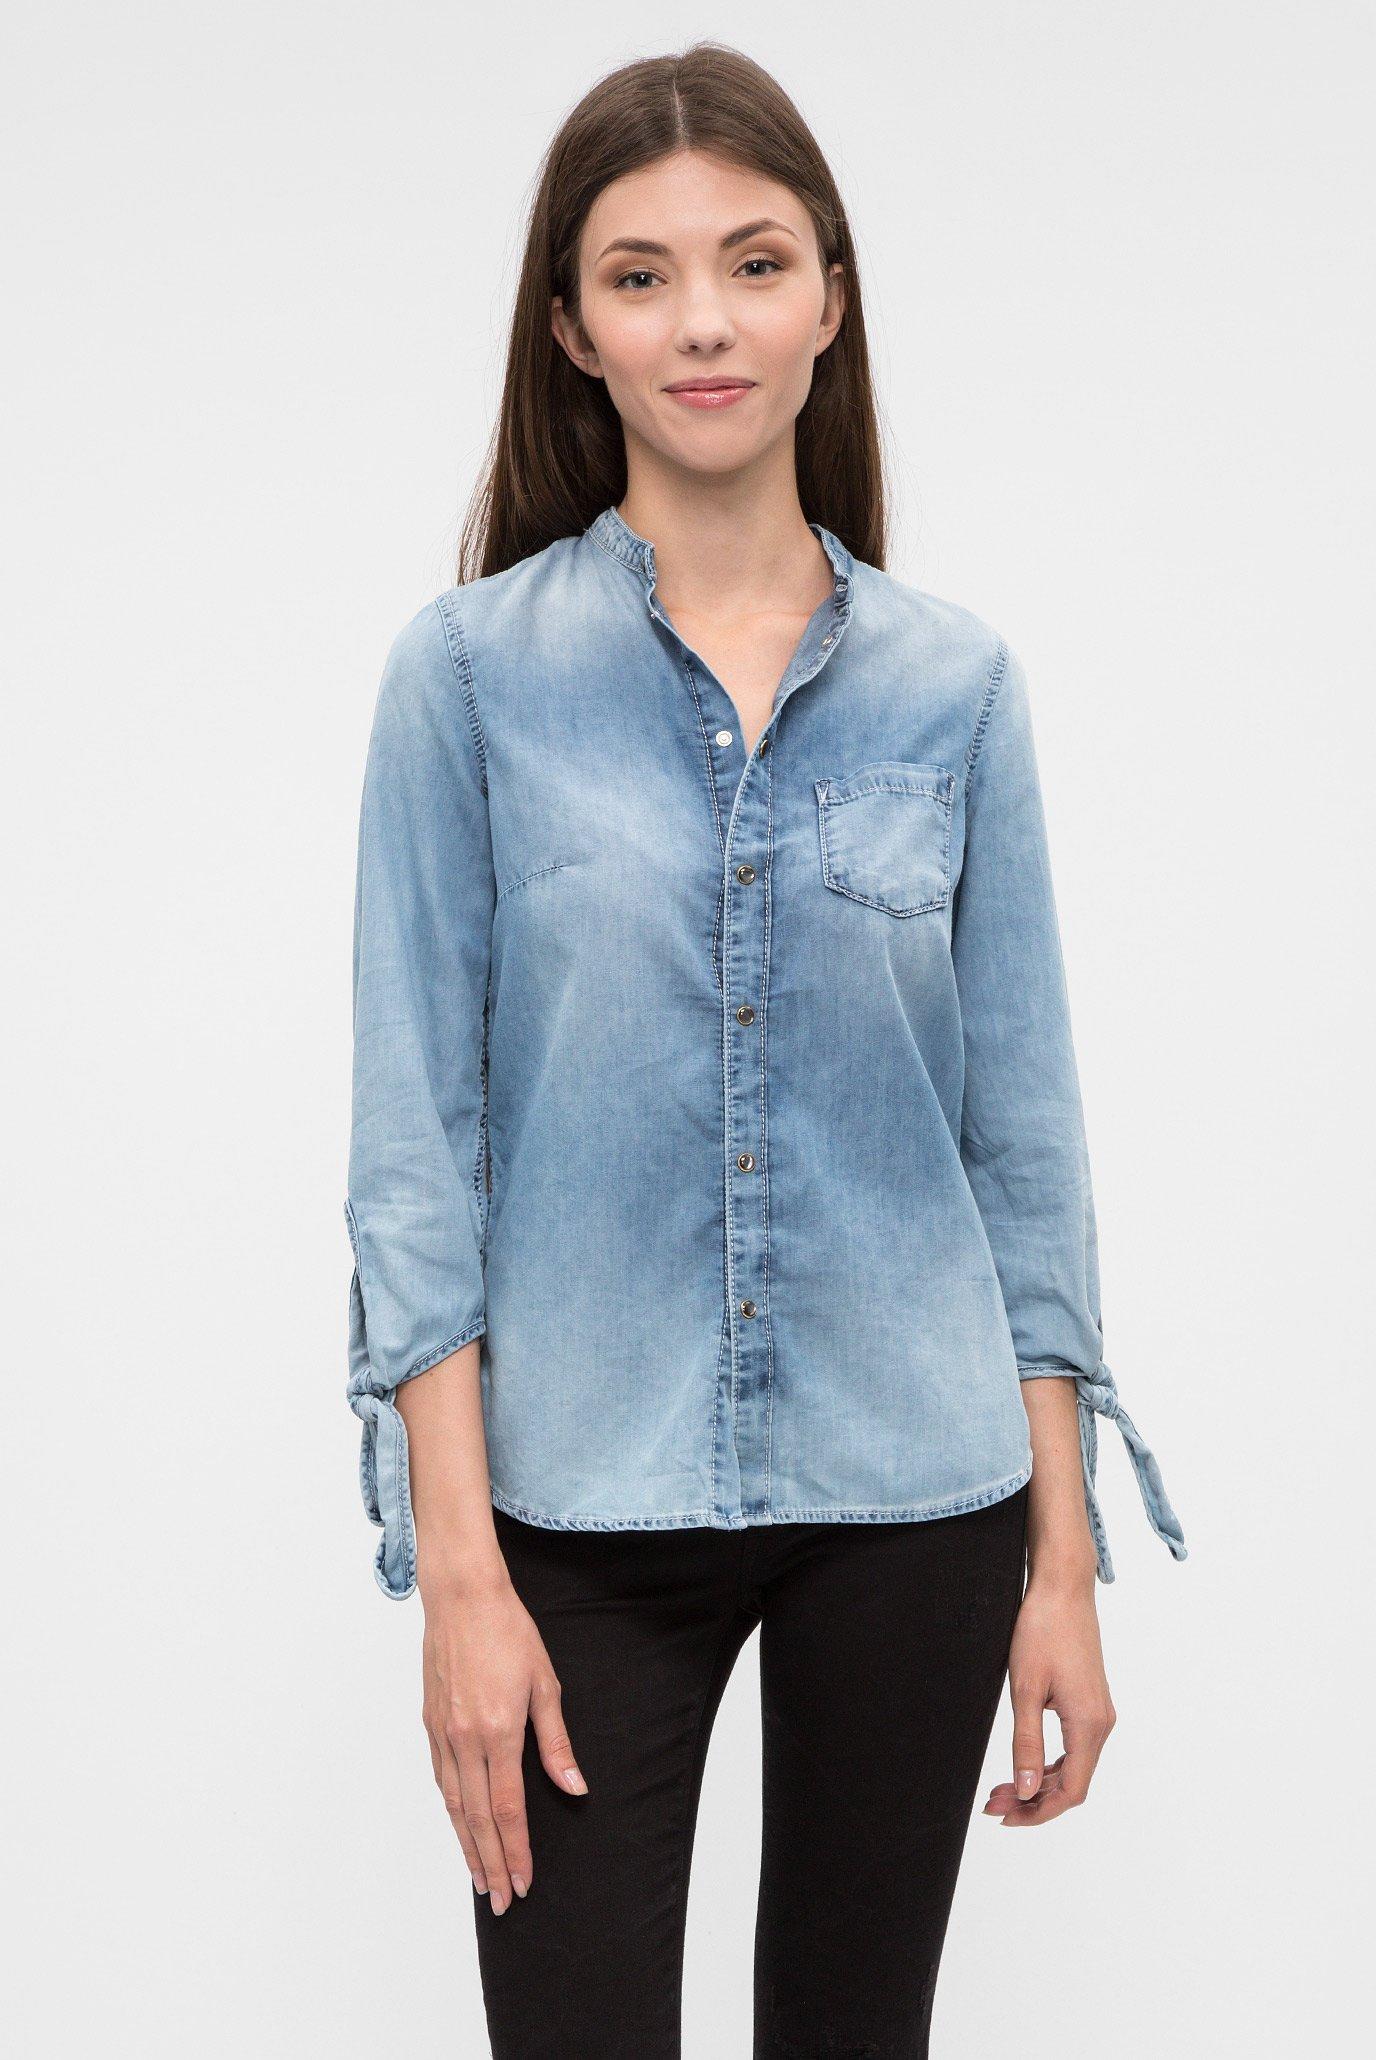 Купить Женская голубая рубашка Pepe Jeans Pepe Jeans PL302354GF9 – Киев, Украина. Цены в интернет магазине MD Fashion